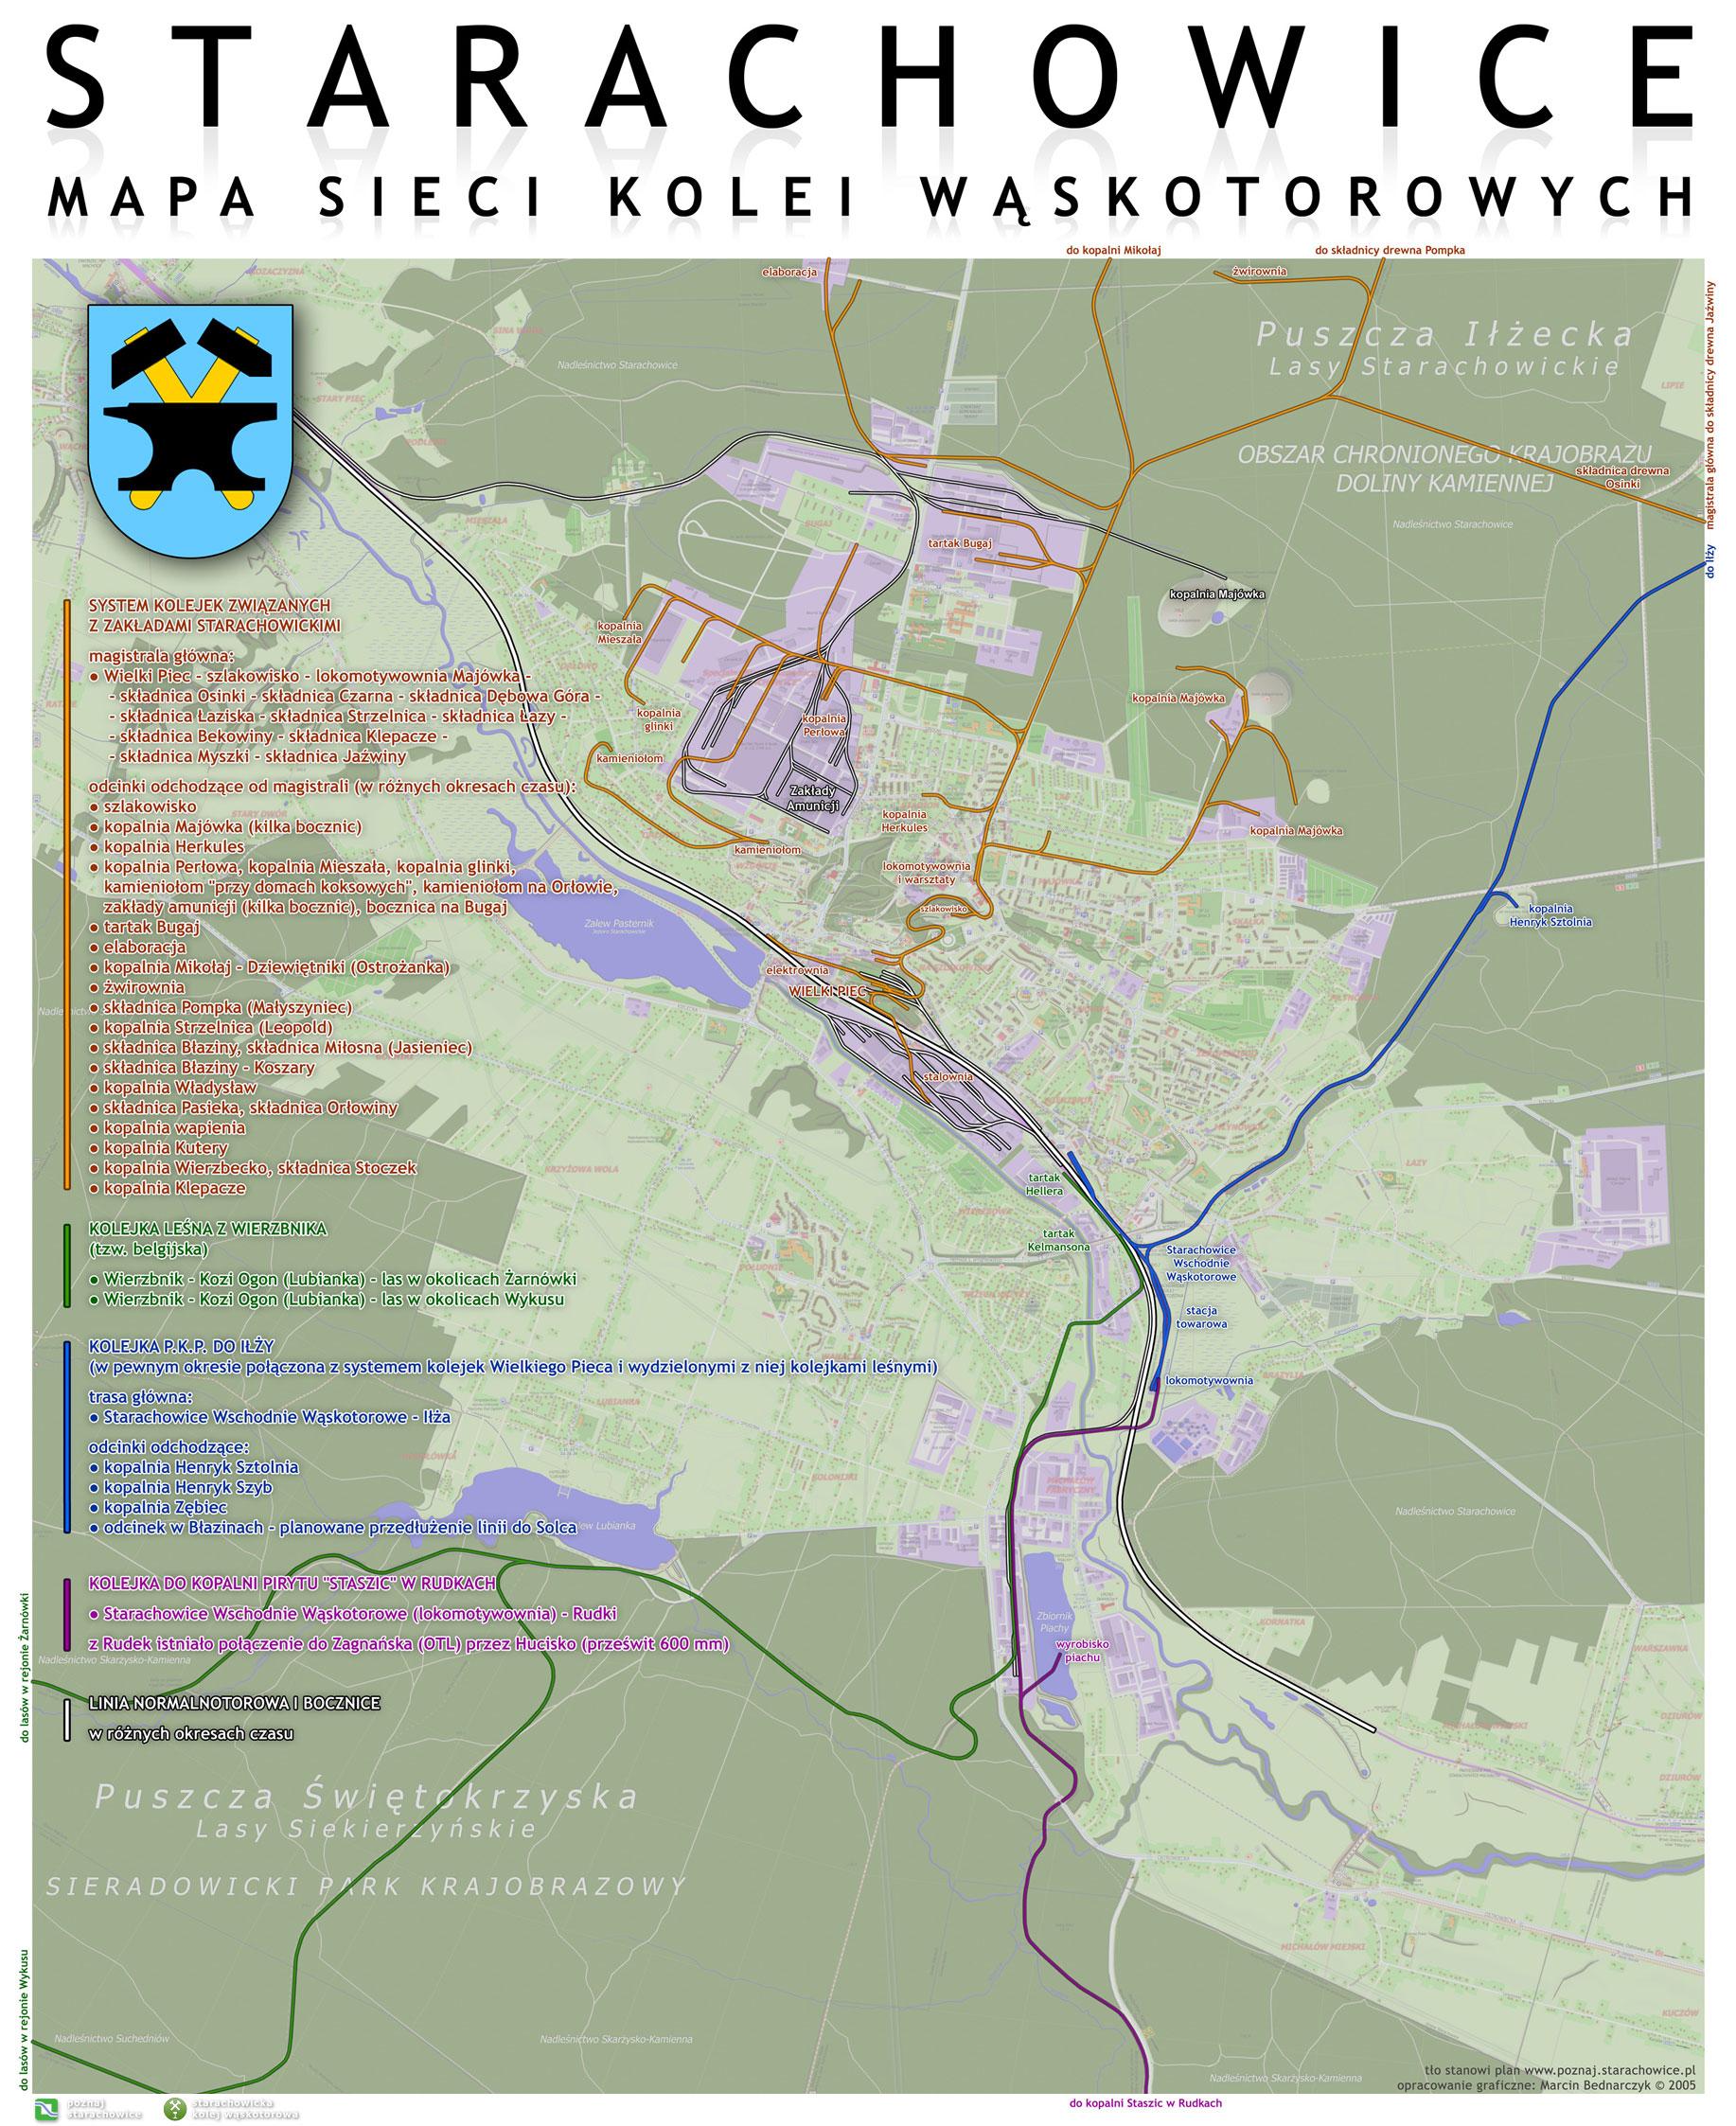 Mapy Waskotorowki Poznaj Starachowice Blog